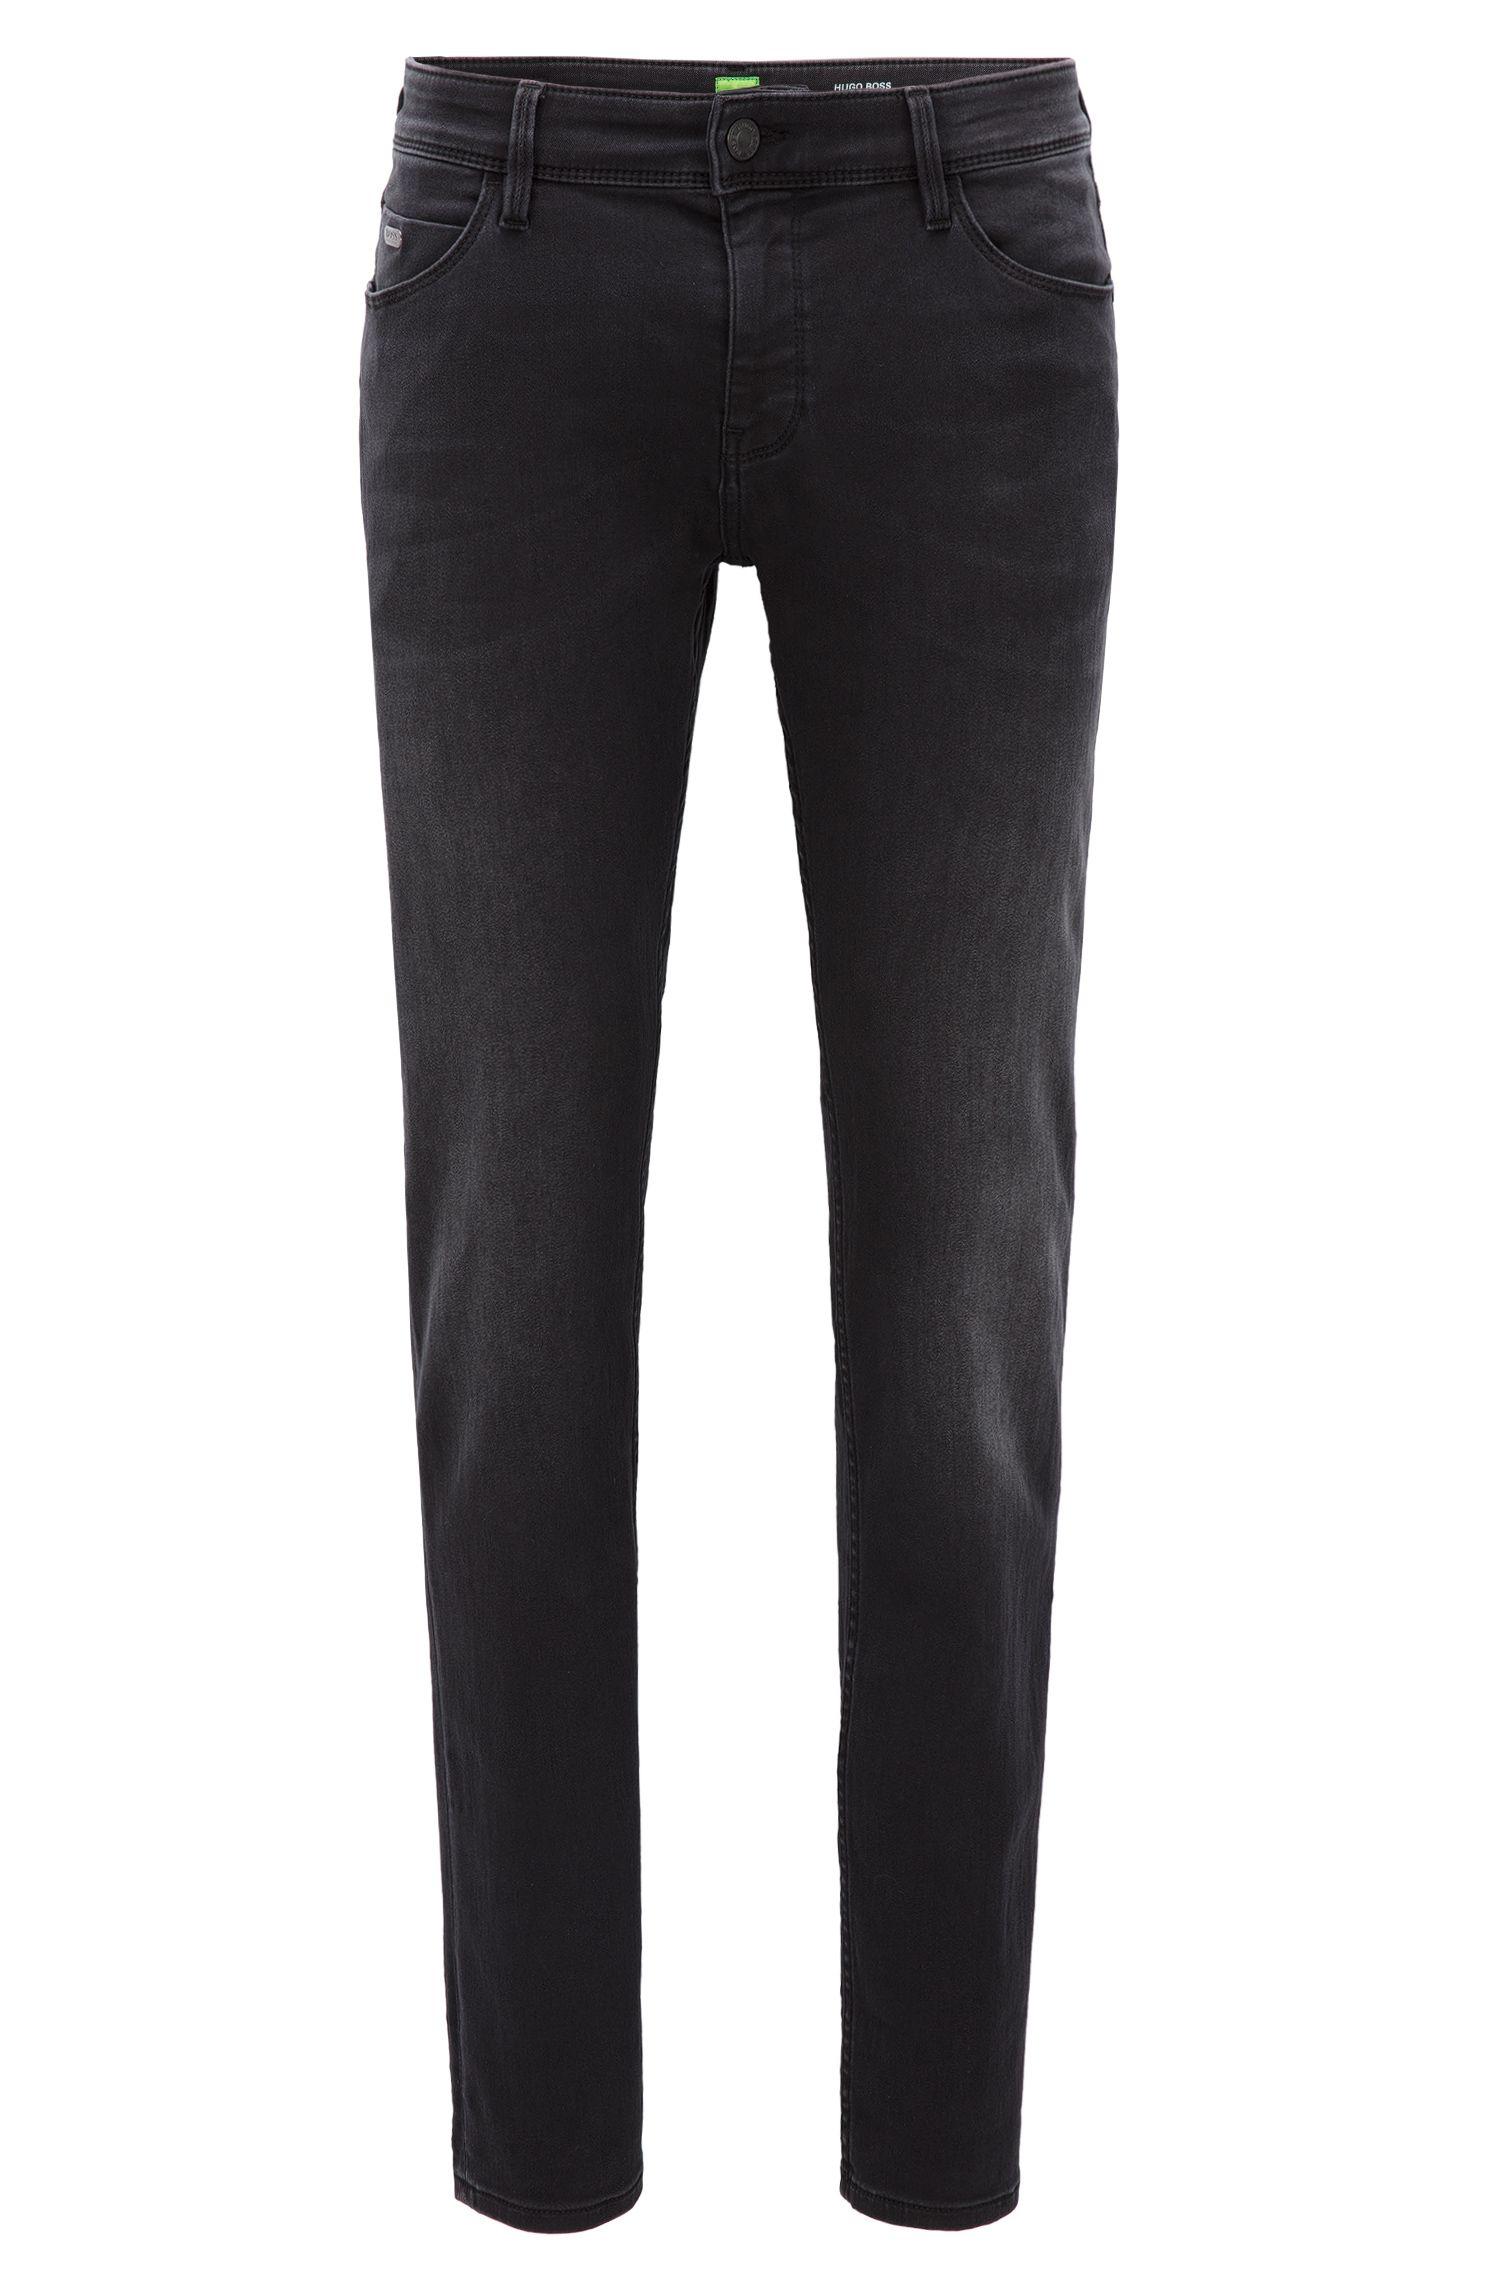 Jeans Extra Slim Fit en denim super stretch